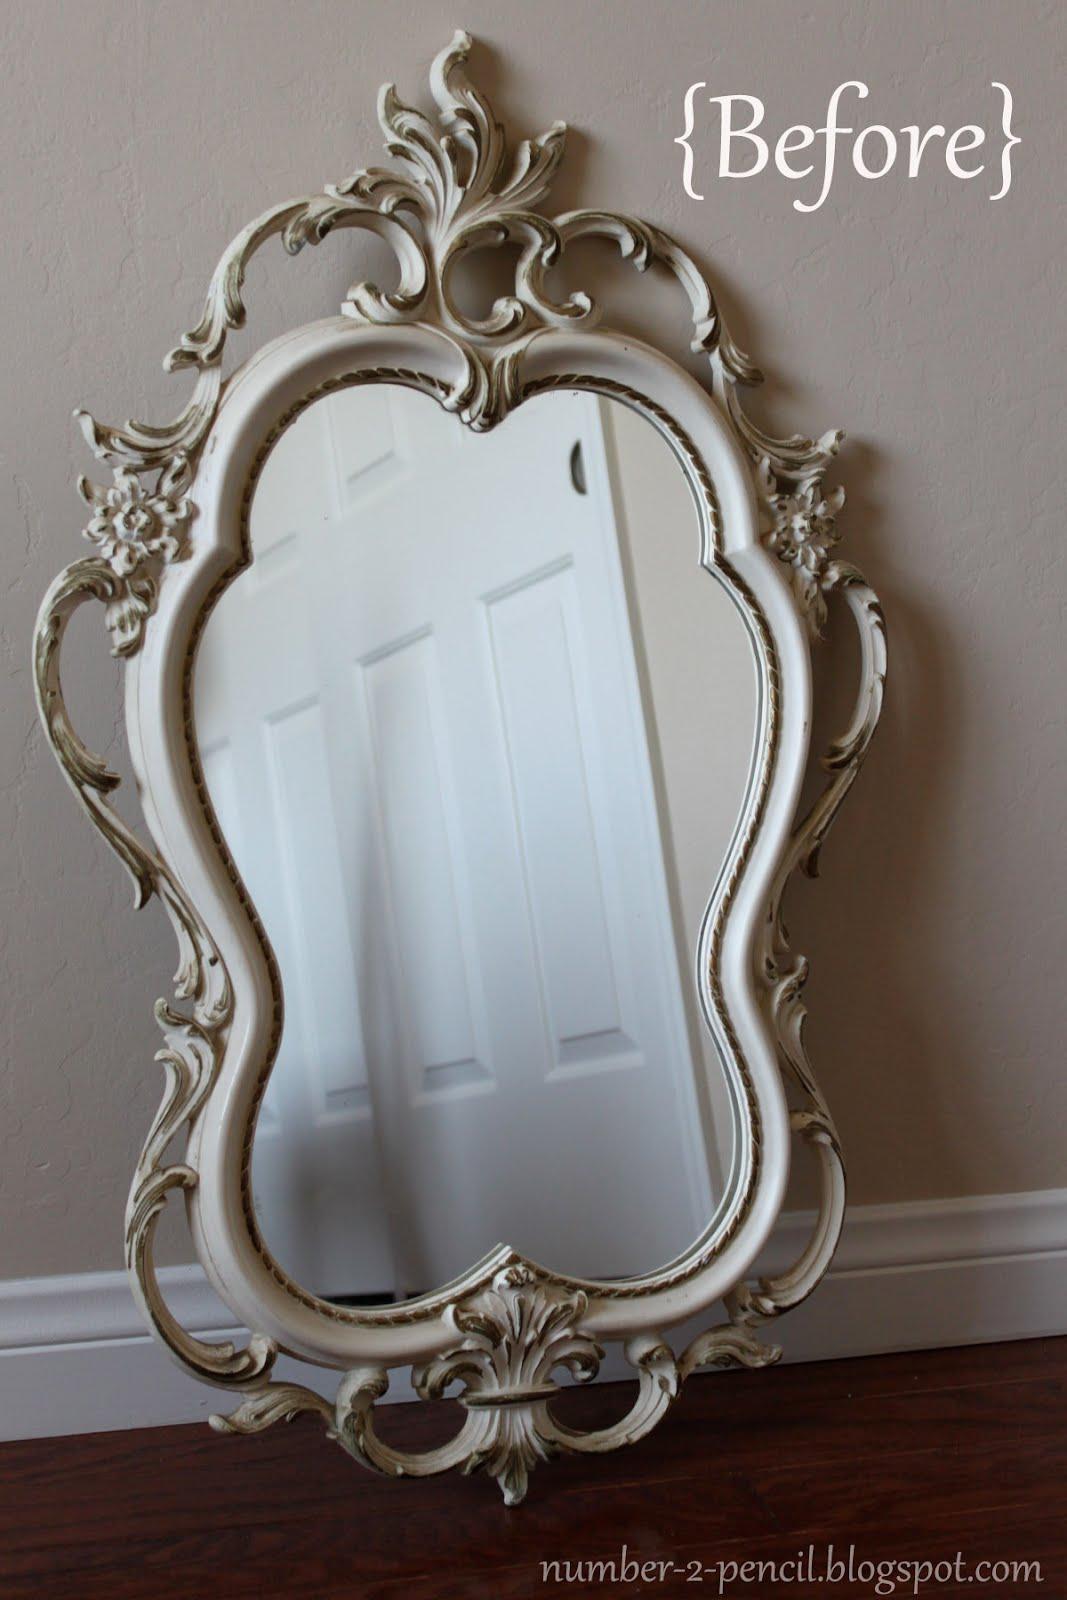 Vintage mirror makeover no 2 pencil for Vintage mirror